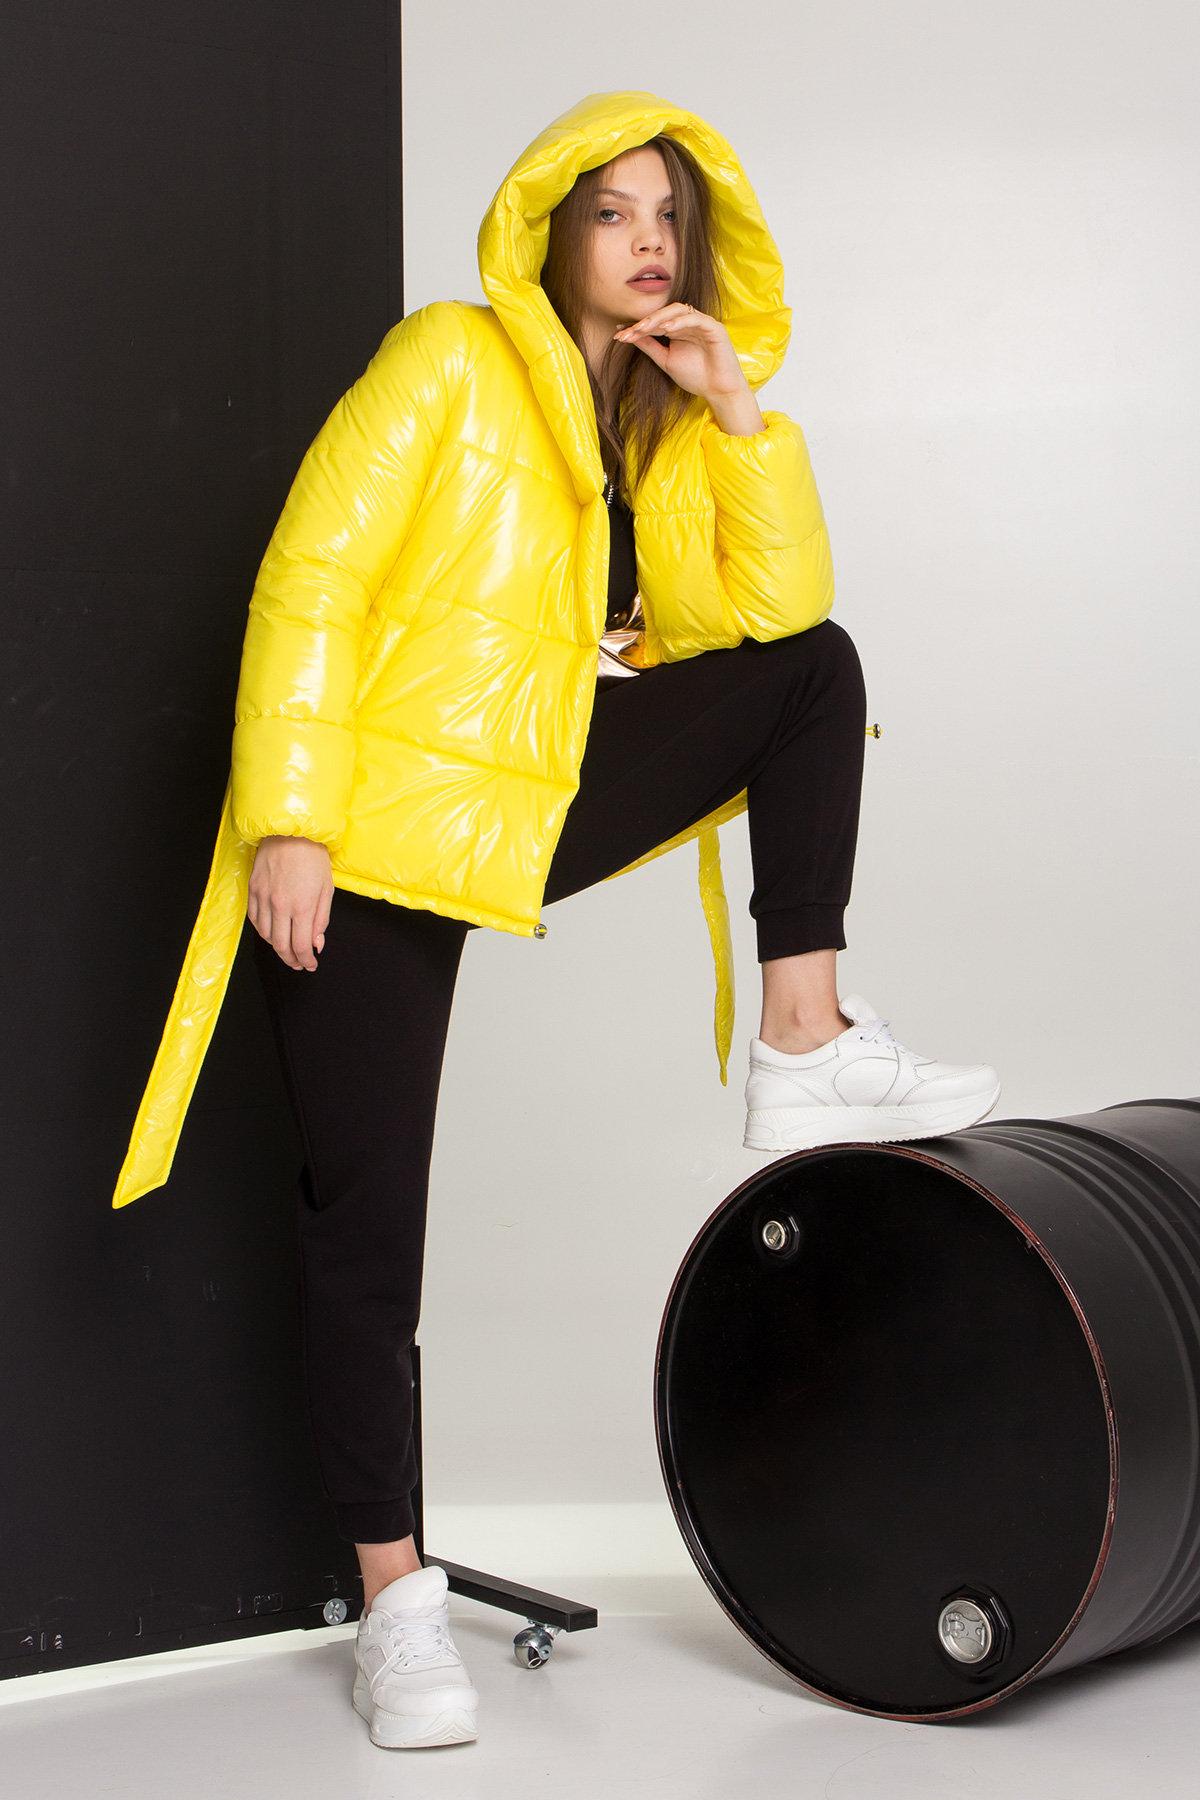 Лаковая куртка пуховик с поясом Бумер 8696 АРТ. 45243 Цвет: т.серый/желтый/черный - фото 2, интернет магазин tm-modus.ru